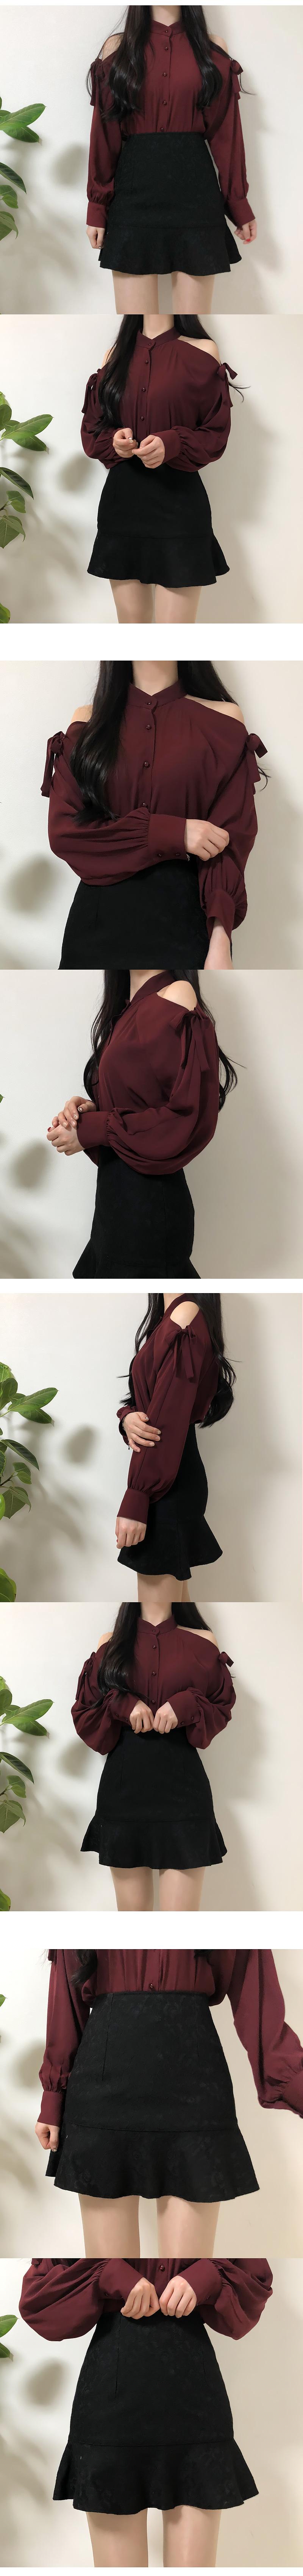 Self-made ♥ halter goddess shoulder blouse